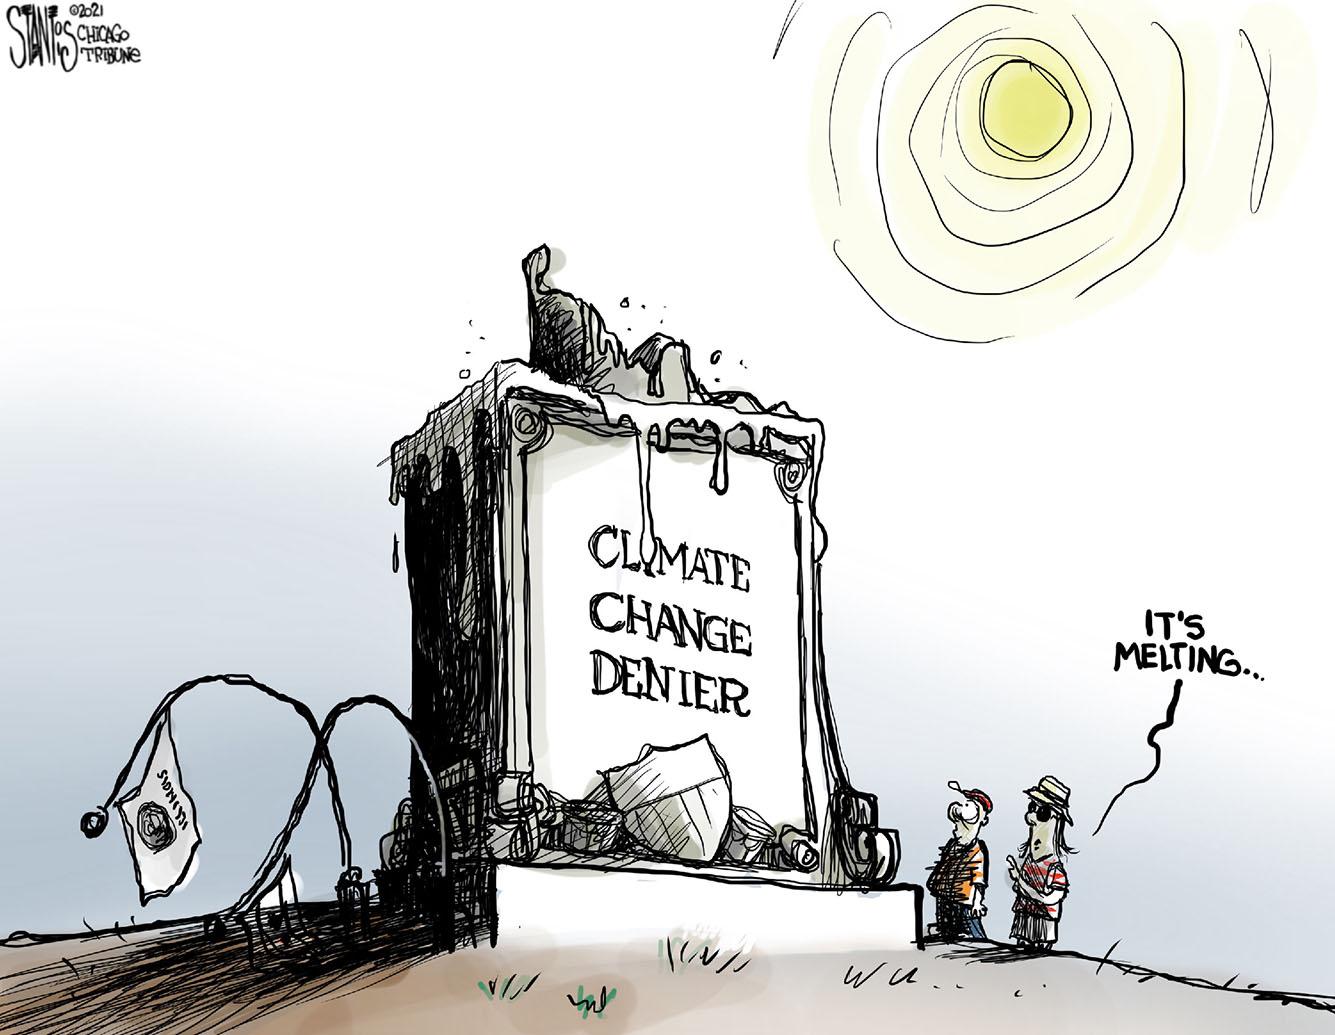 Aug: 21: Climate Change Denier